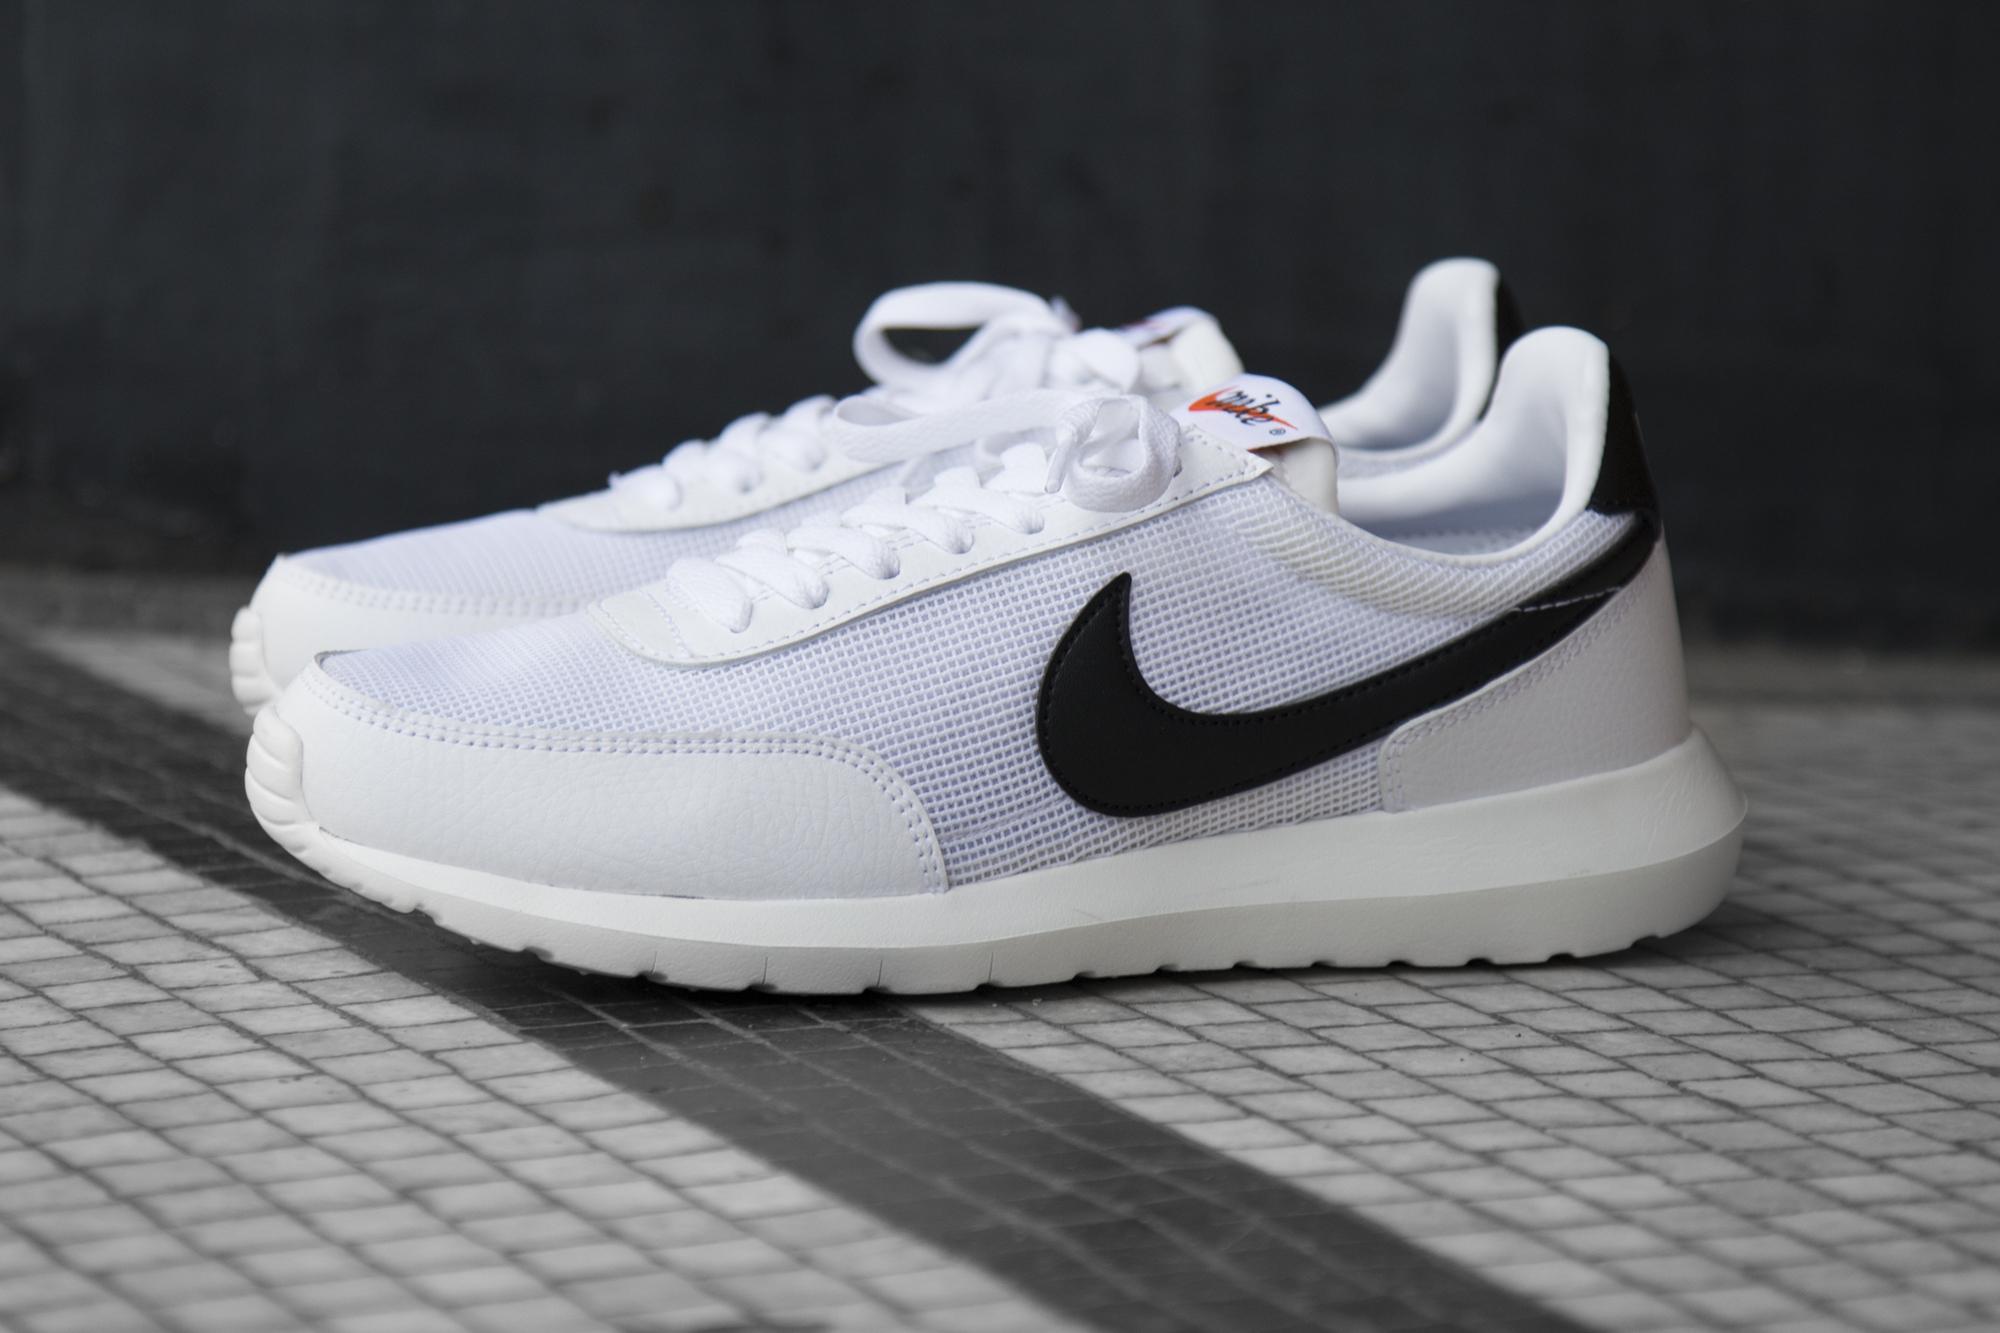 online retailer 42dcf 8b9f1 Nike Roshe Daybreak NM